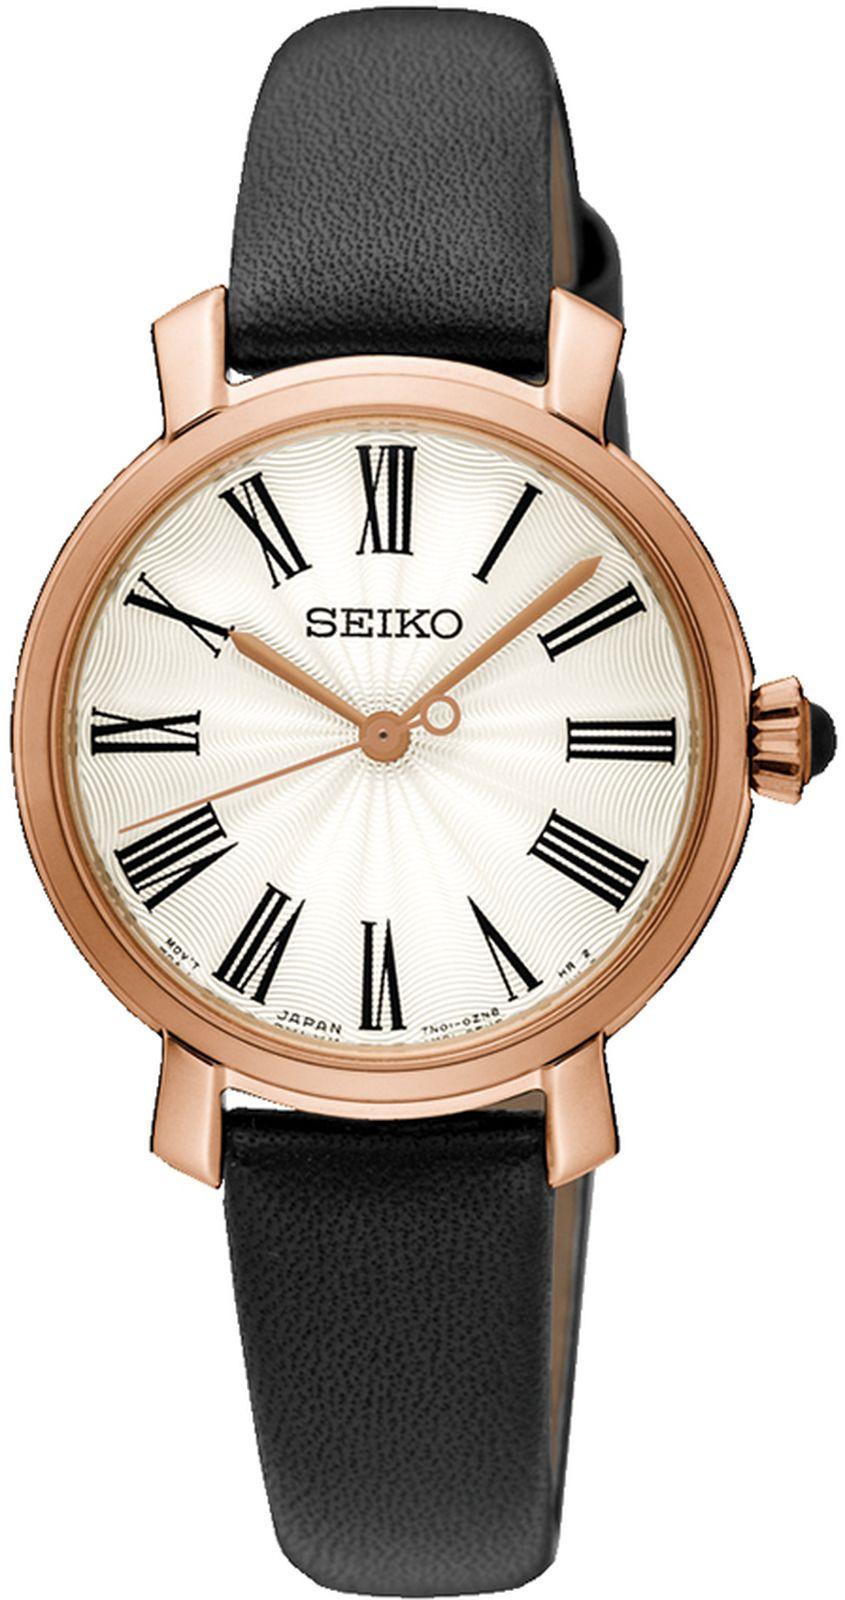 цена на Наручные часы Seiko женские, черный